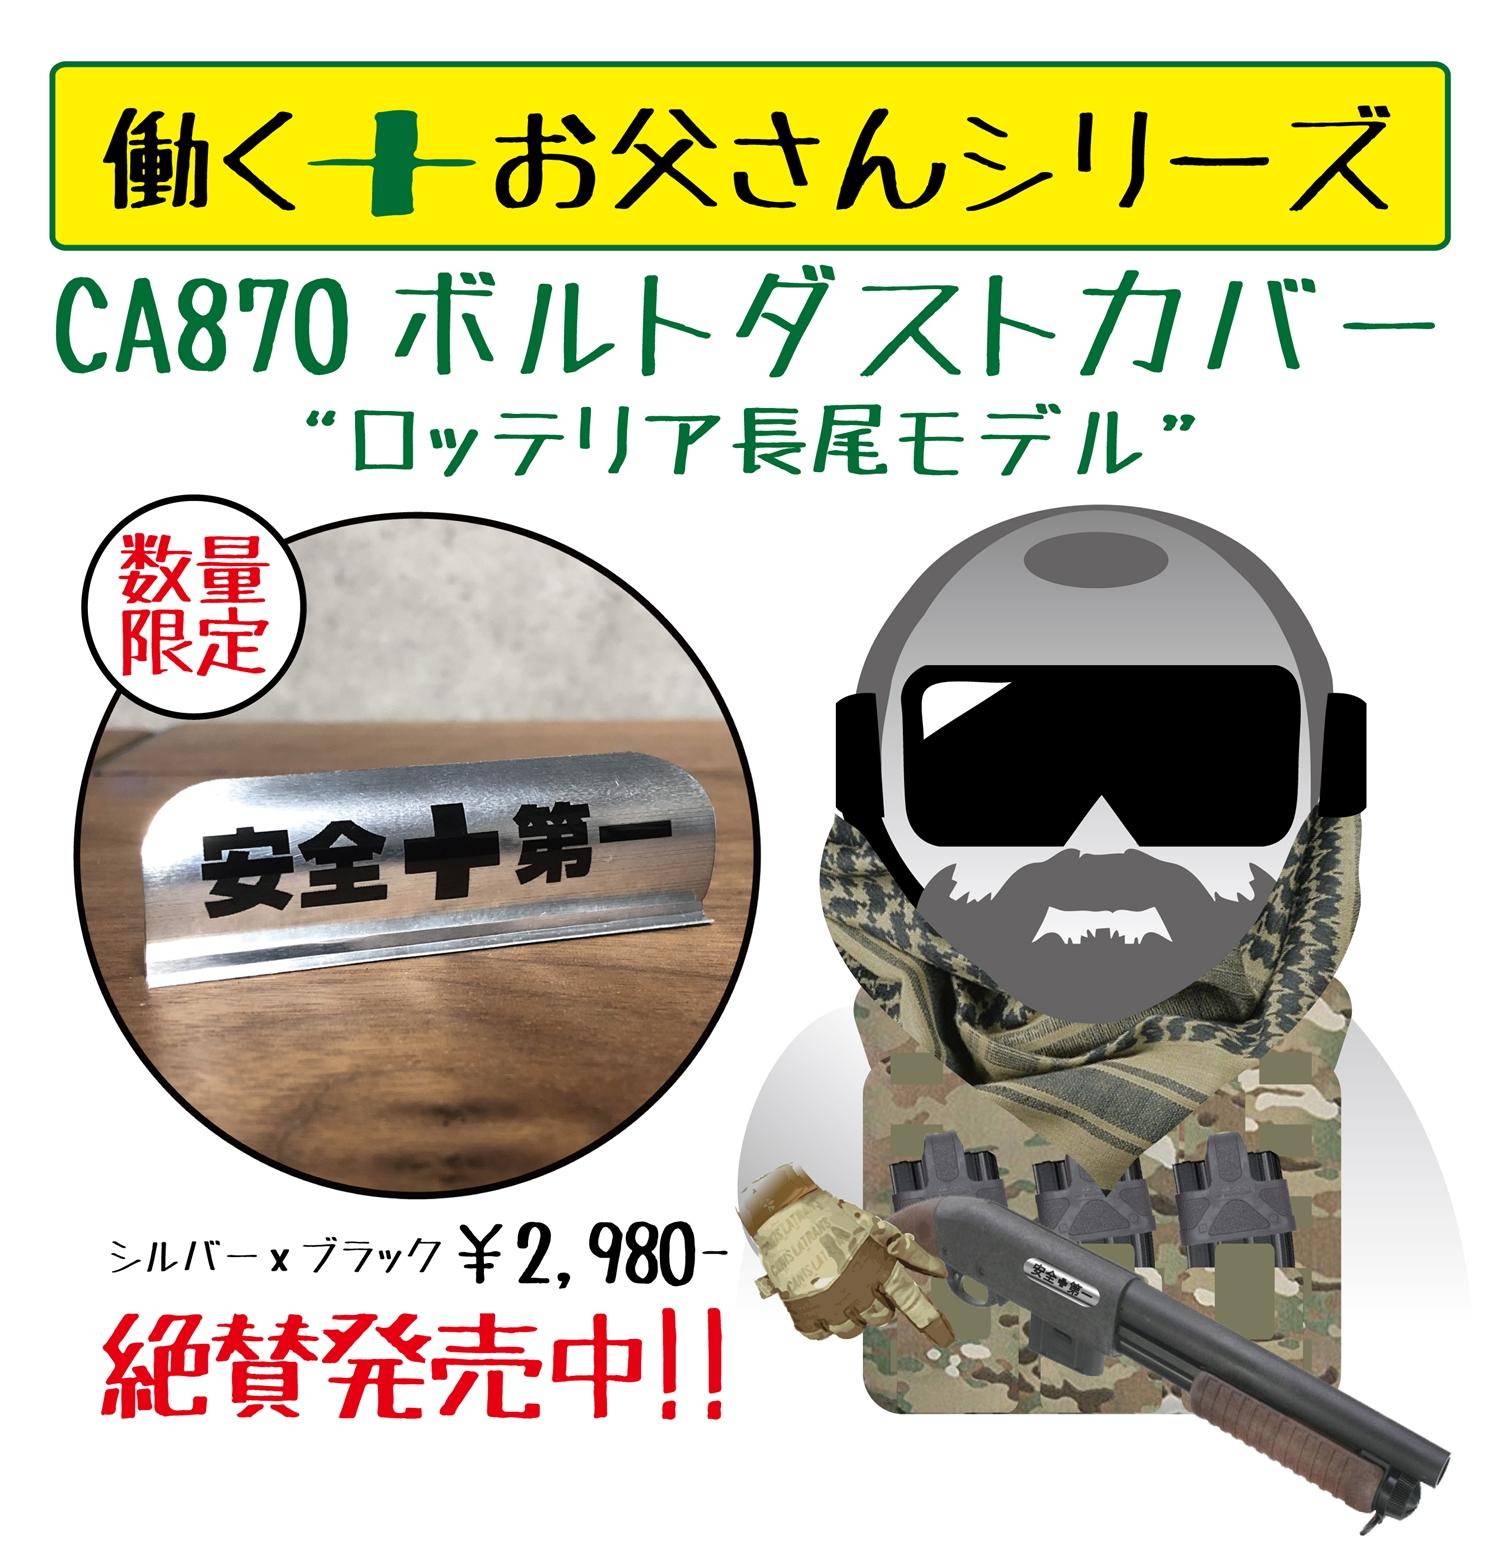 11 マルゼン CA870 ソードオフ ショットガン 購入 & ロッテリア長尾モデル(誰やw) オプションパーツが完成! レビュー